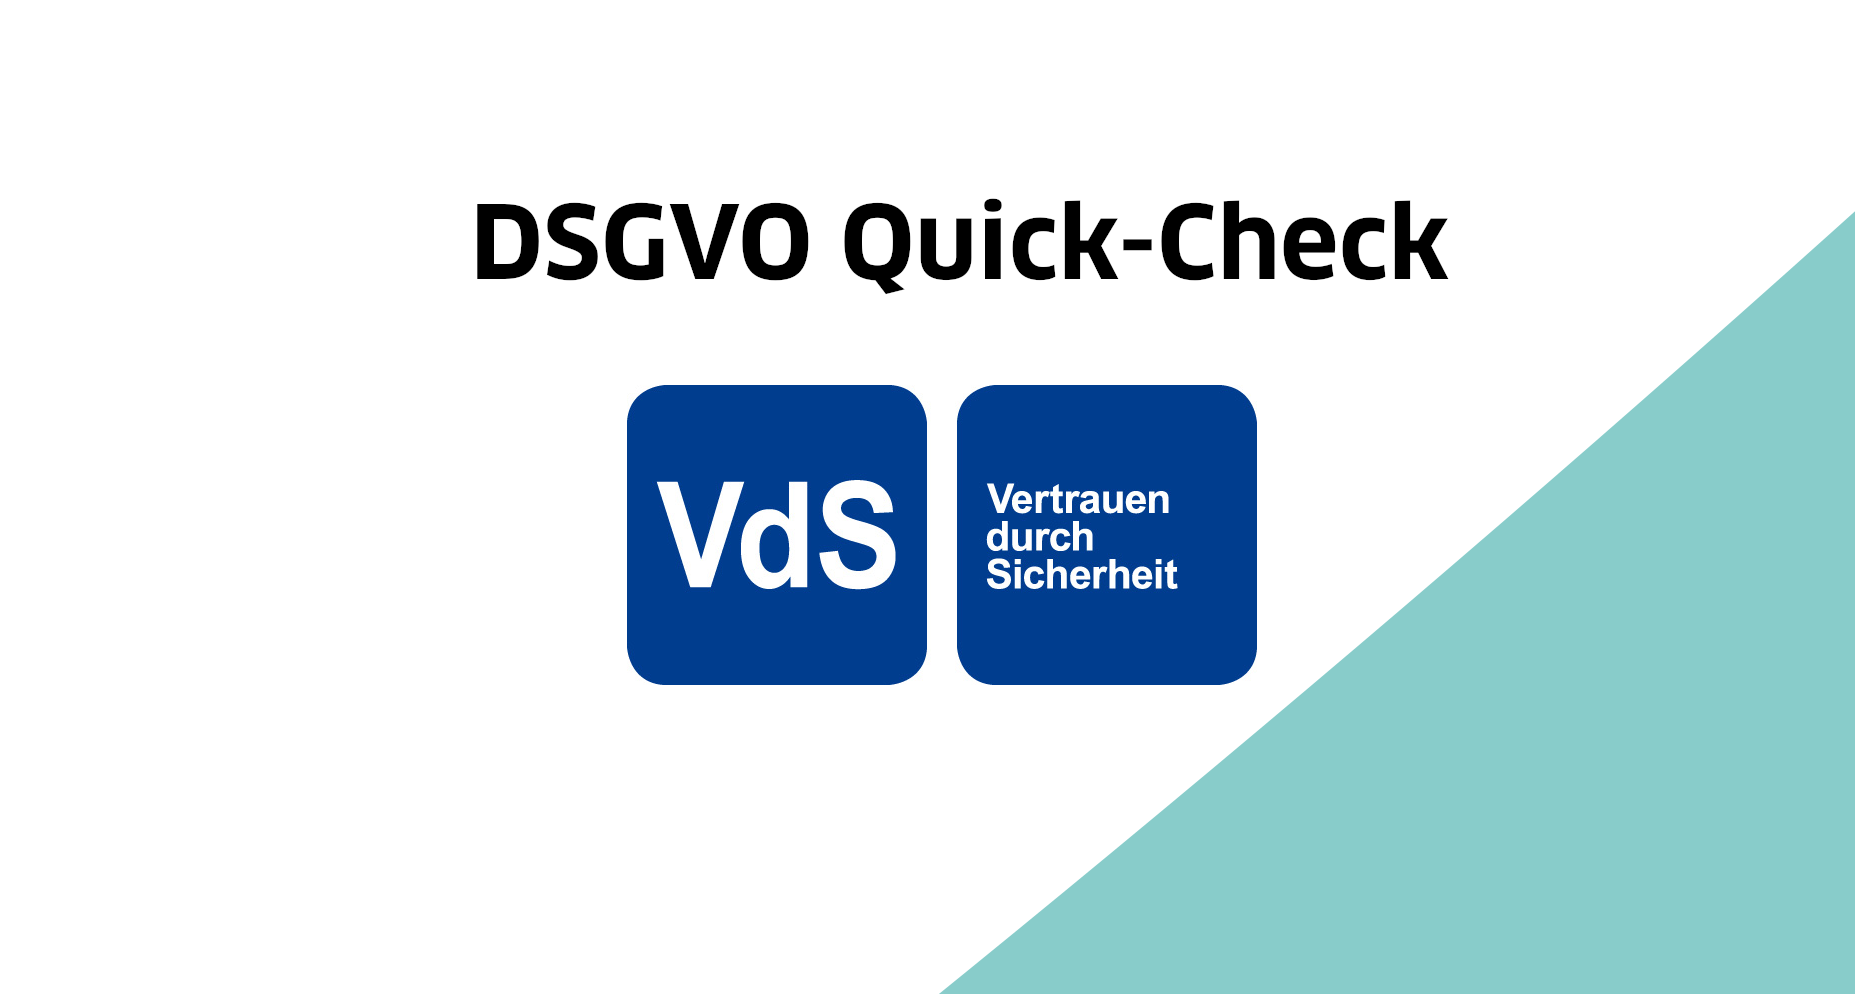 DSGVO Quick-Check von DsiN /Deutschland Sicher im Netz und VdS Schadenverhütung